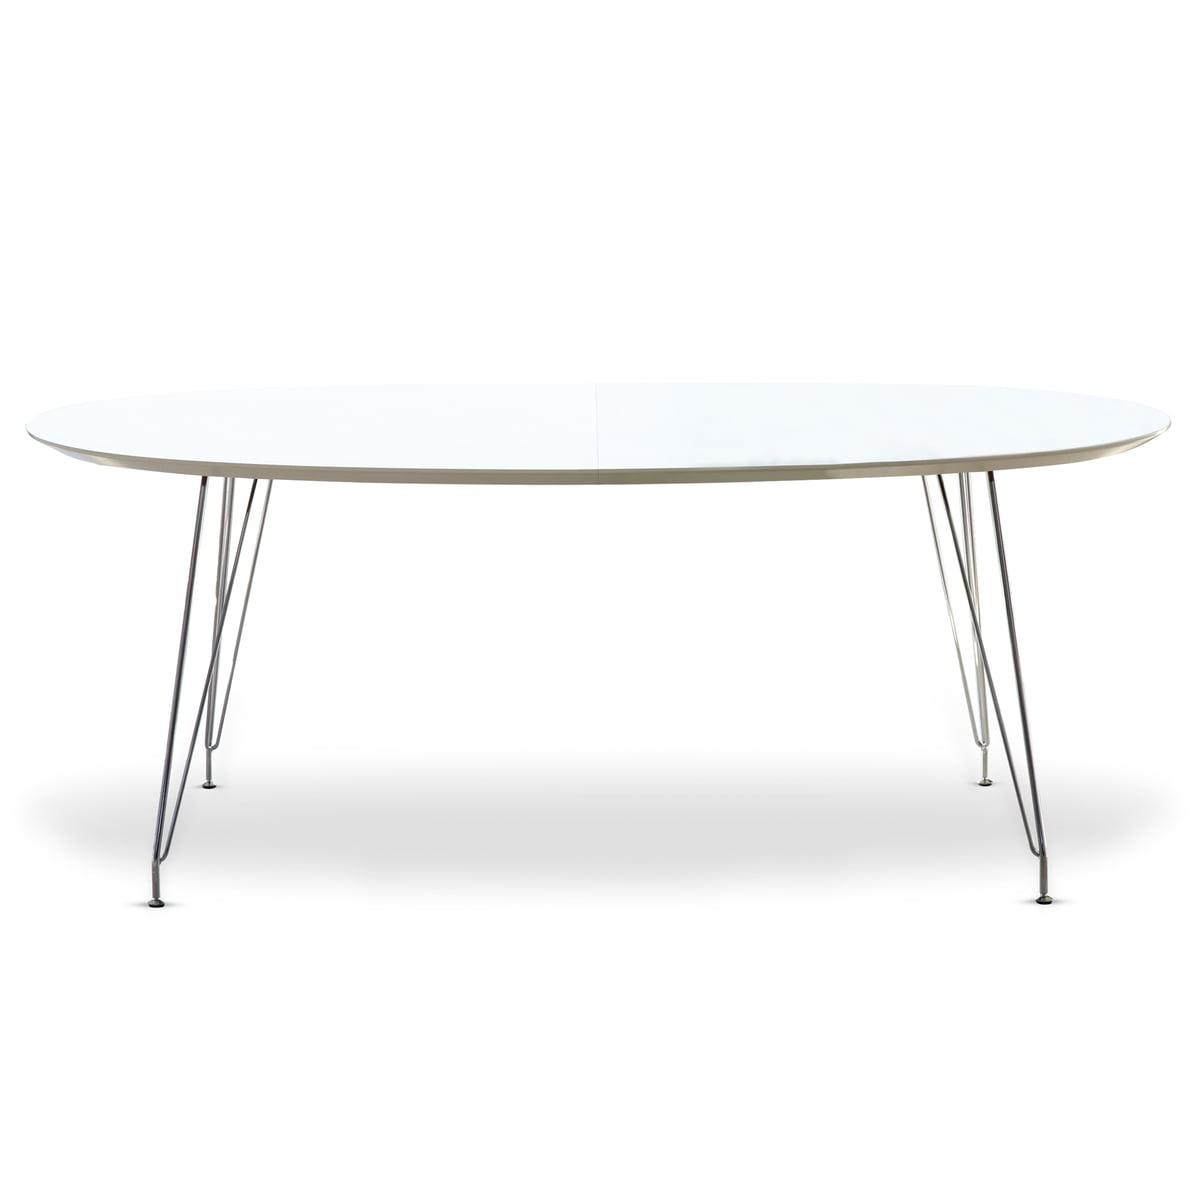 DK10 Esstisch Oval Von Andersen Furniture (Tischplatte Laminat, Weiß,  Gestell Edelstahl Verchromt)